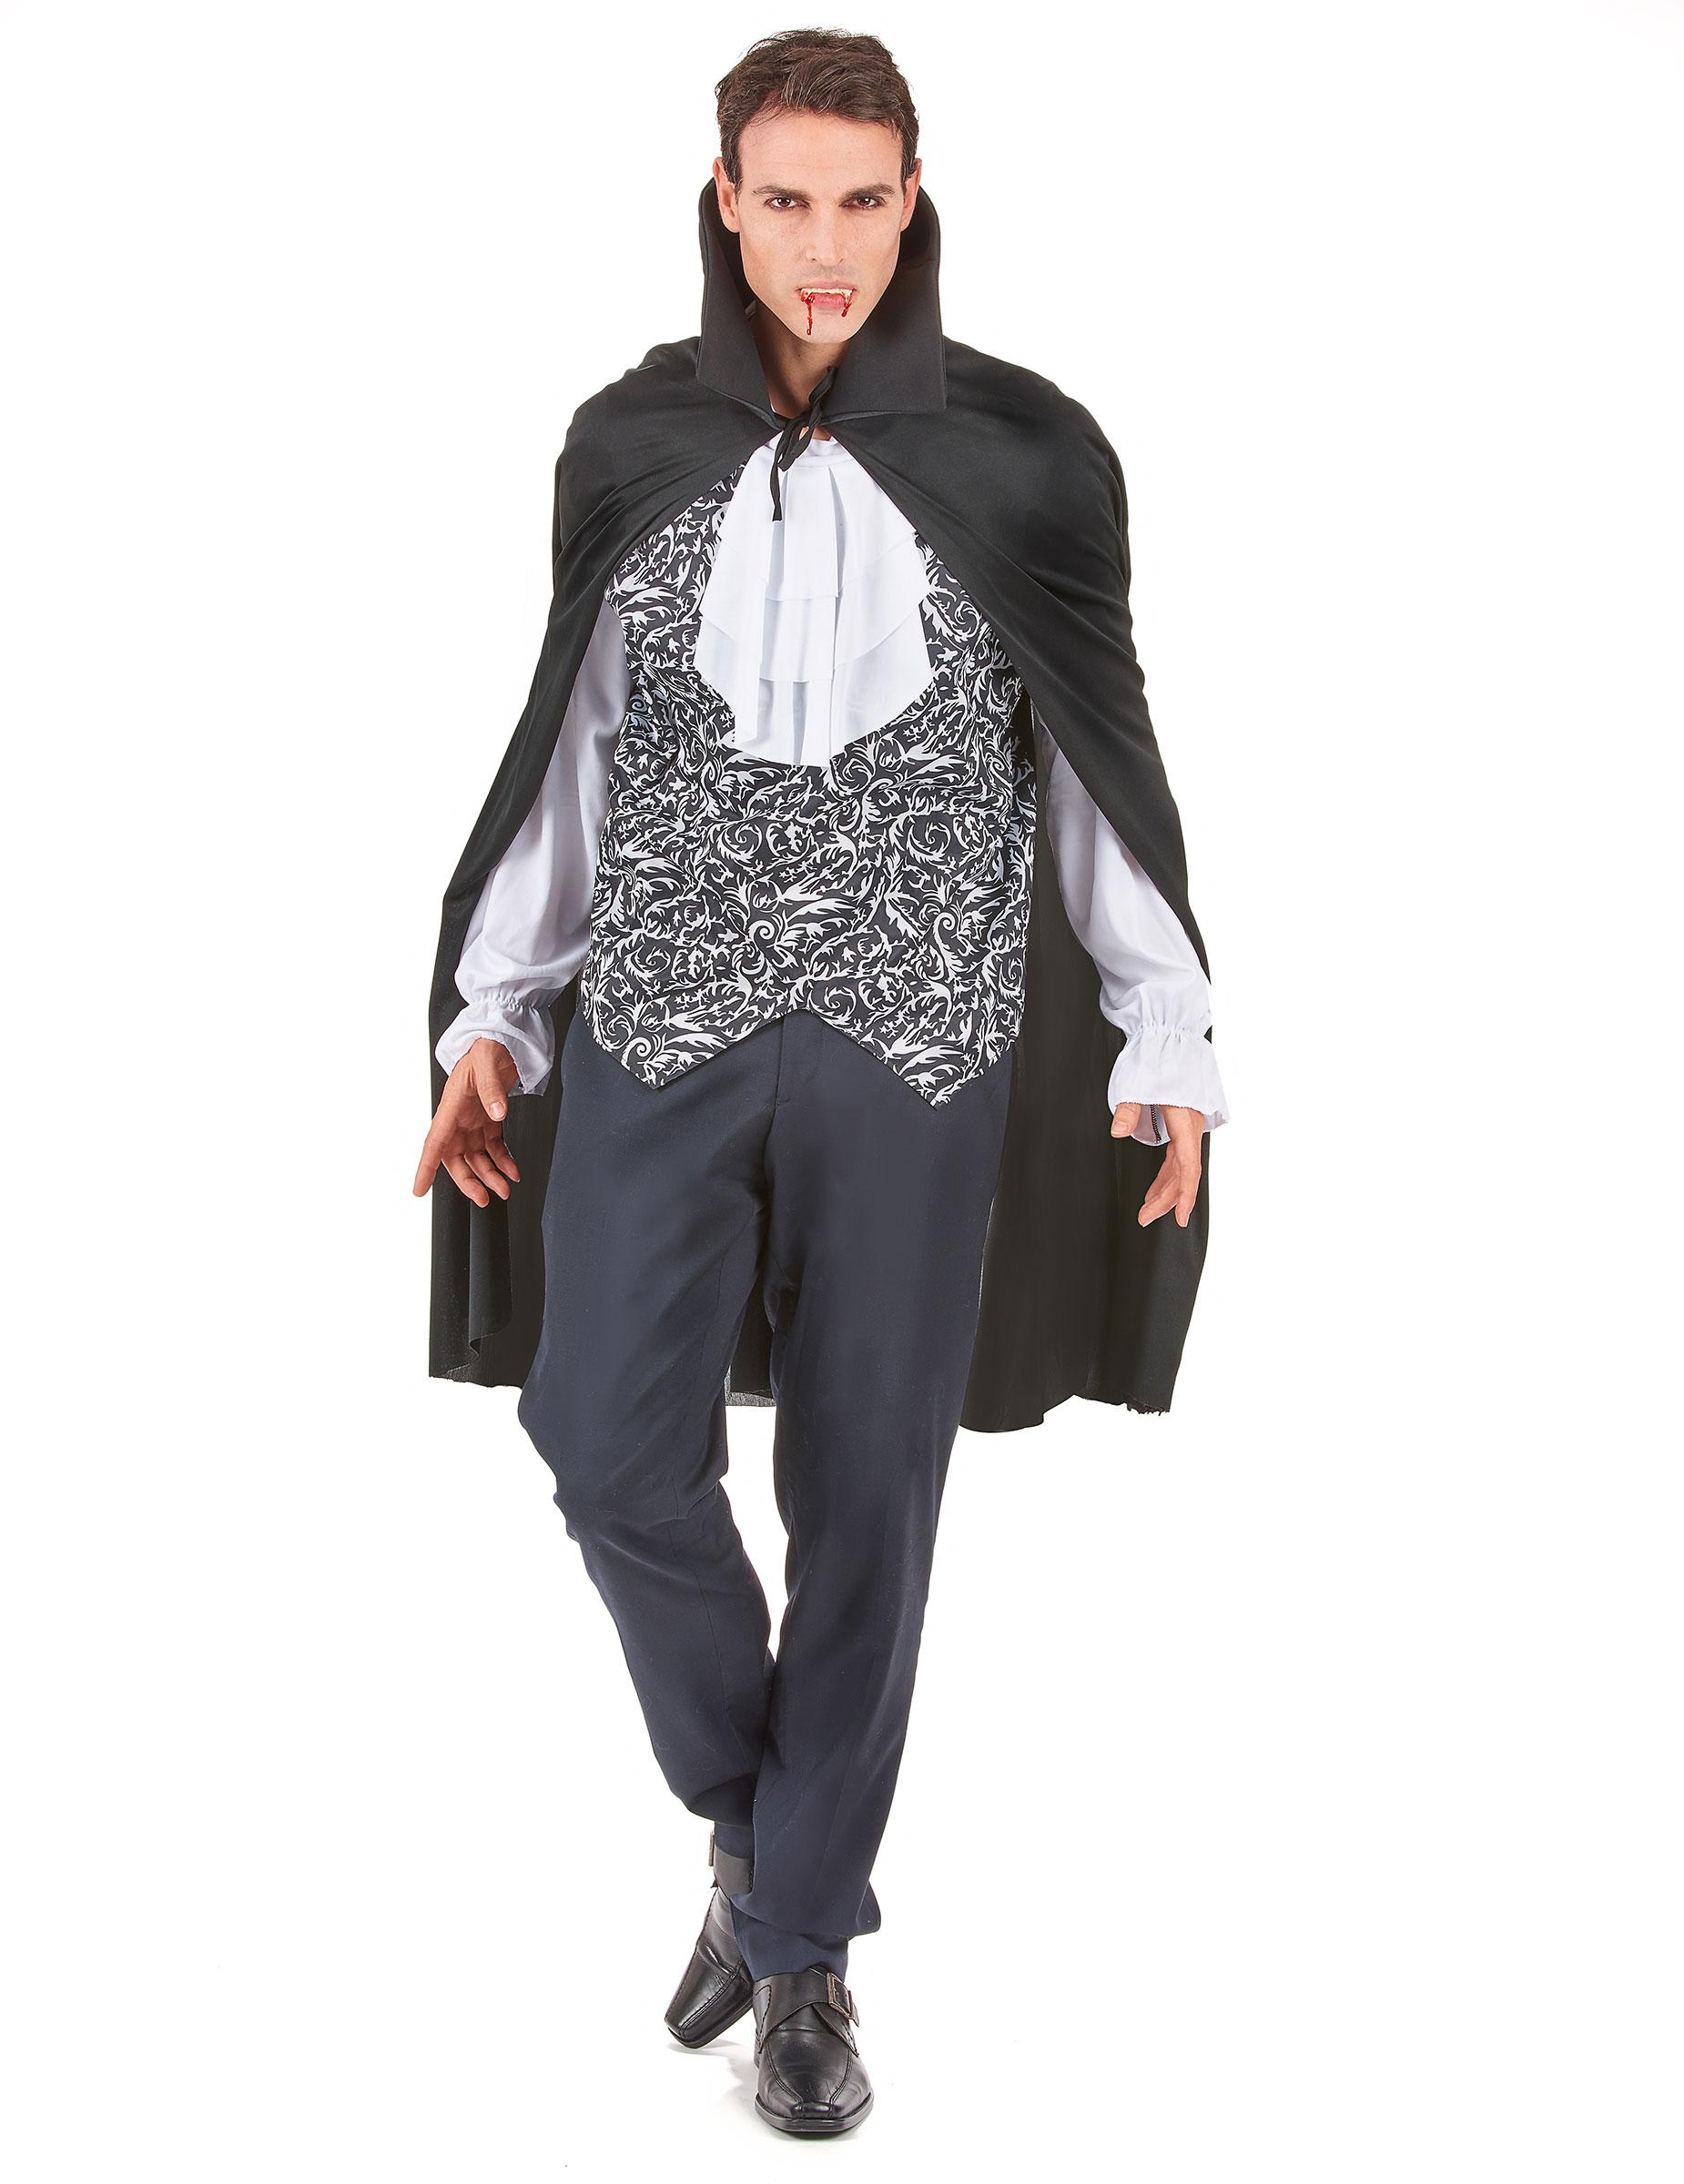 Costume vampiro barocco uomo Halloween | Costumi da vampiro